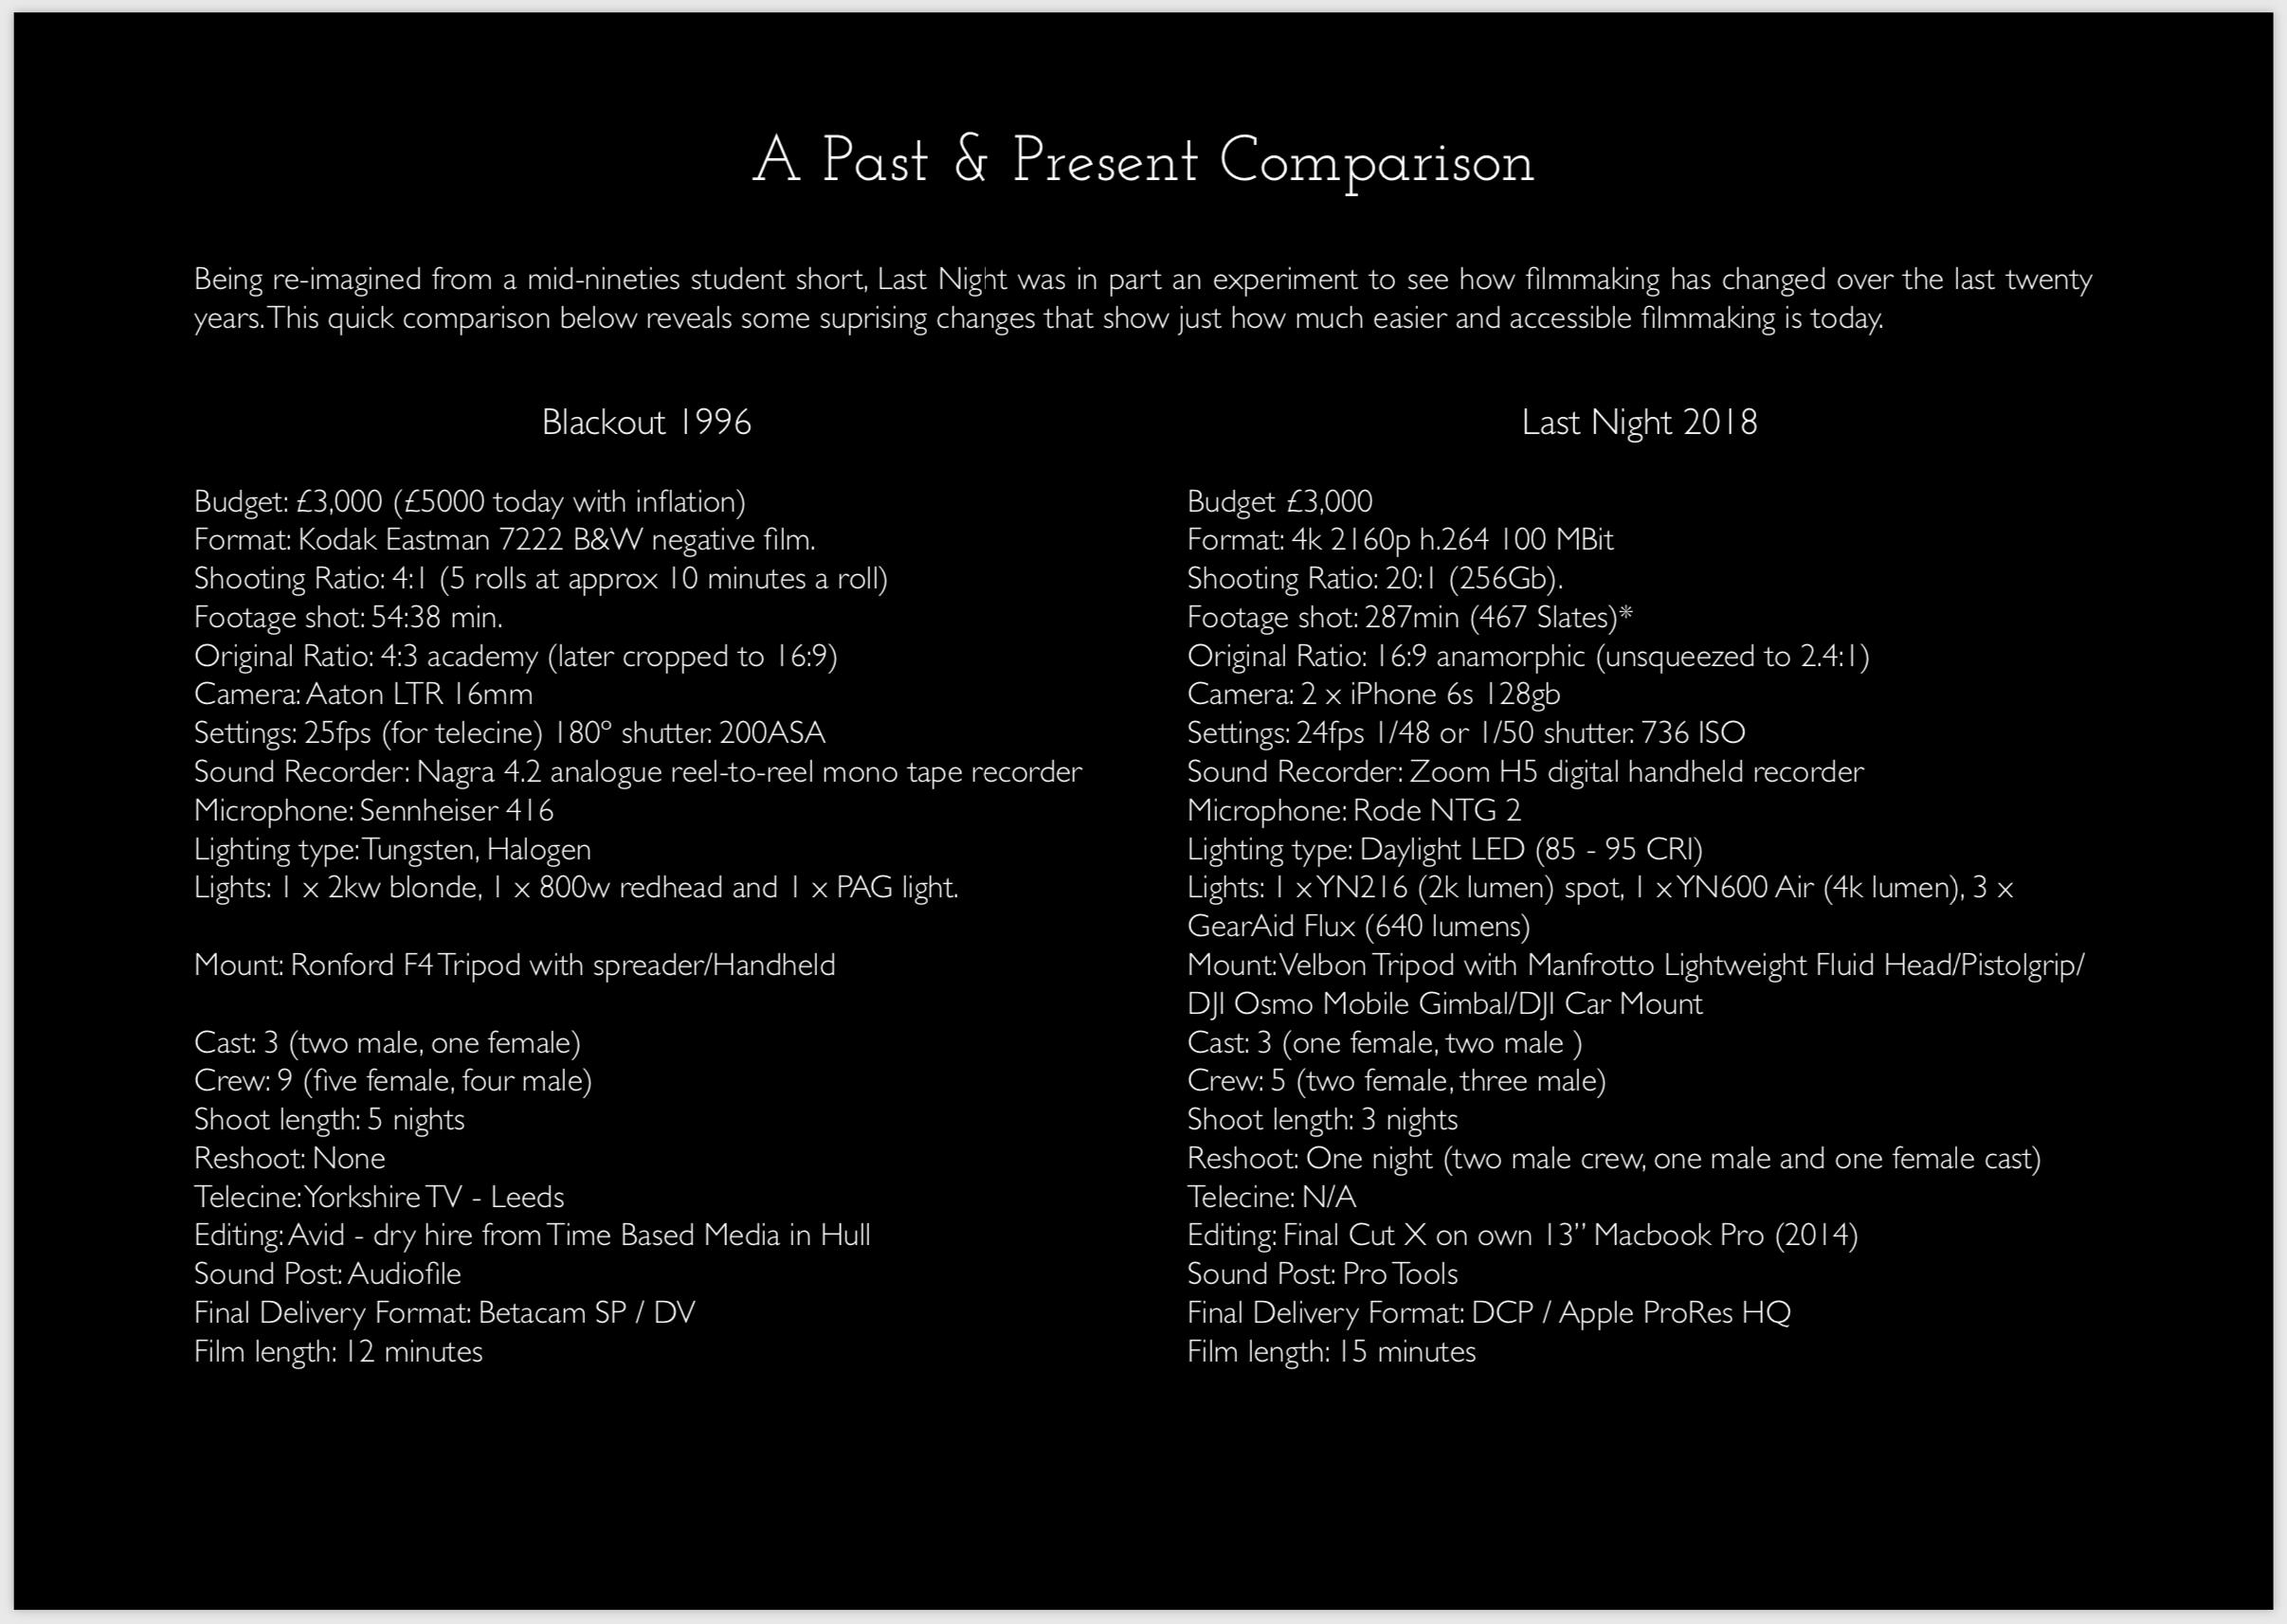 Blackout Film comparison